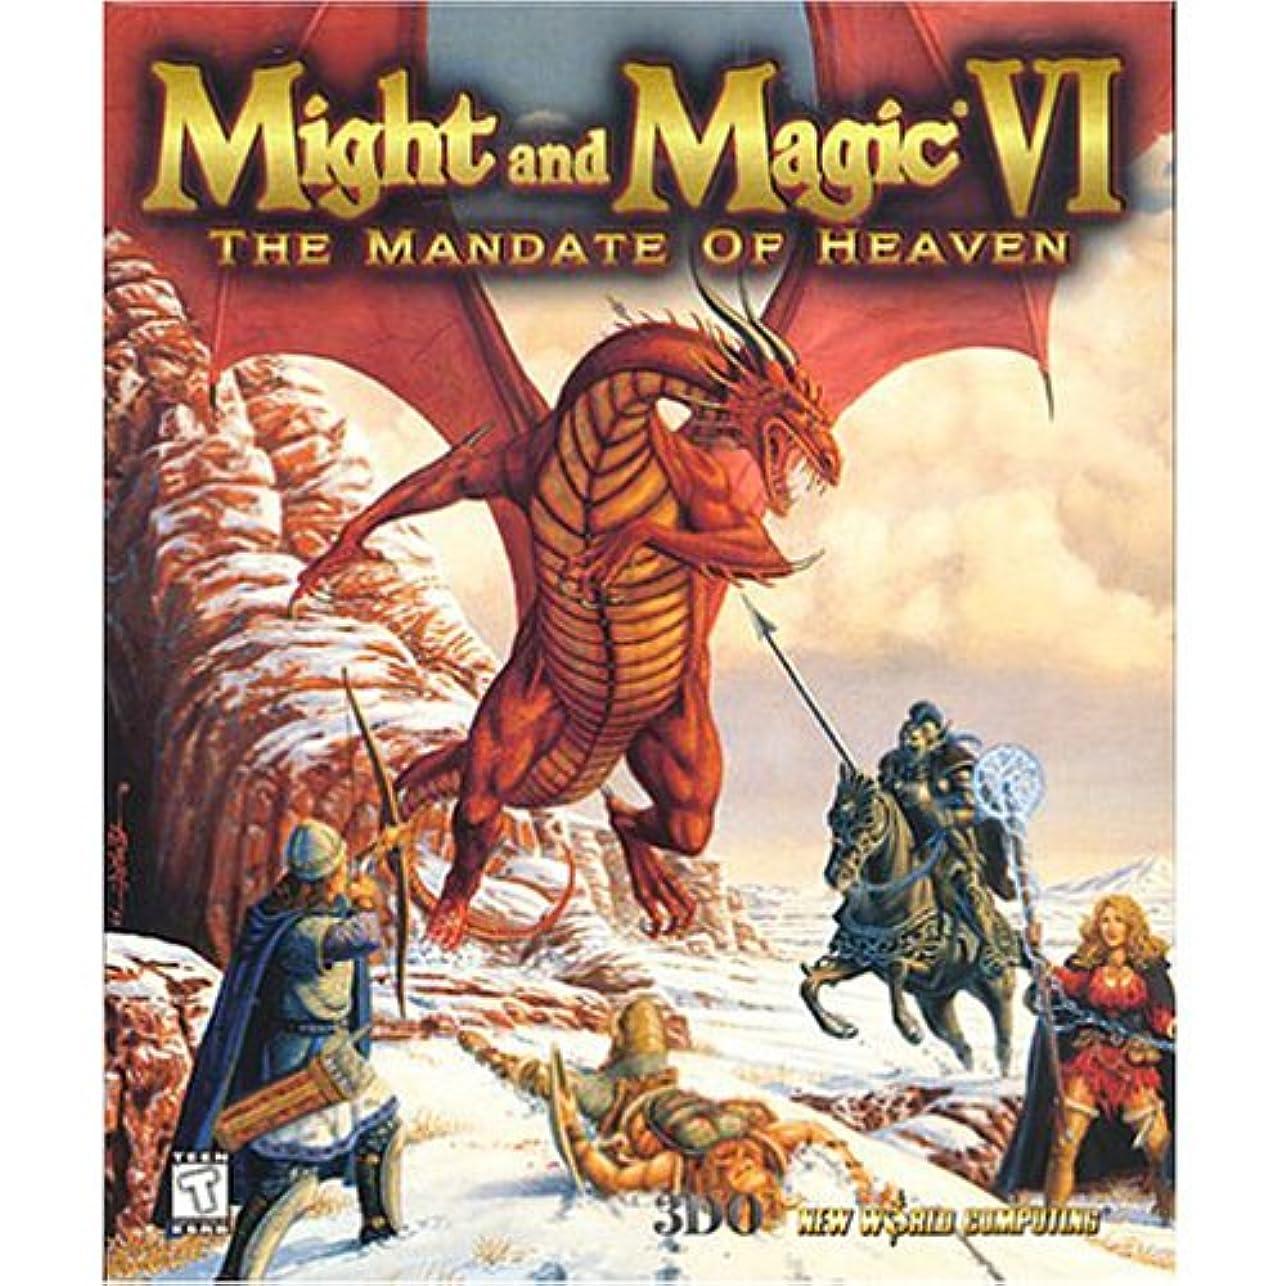 崖促進するとまり木Might and Magic VI: The Mandate of Heaven Special Edition (輸入版)